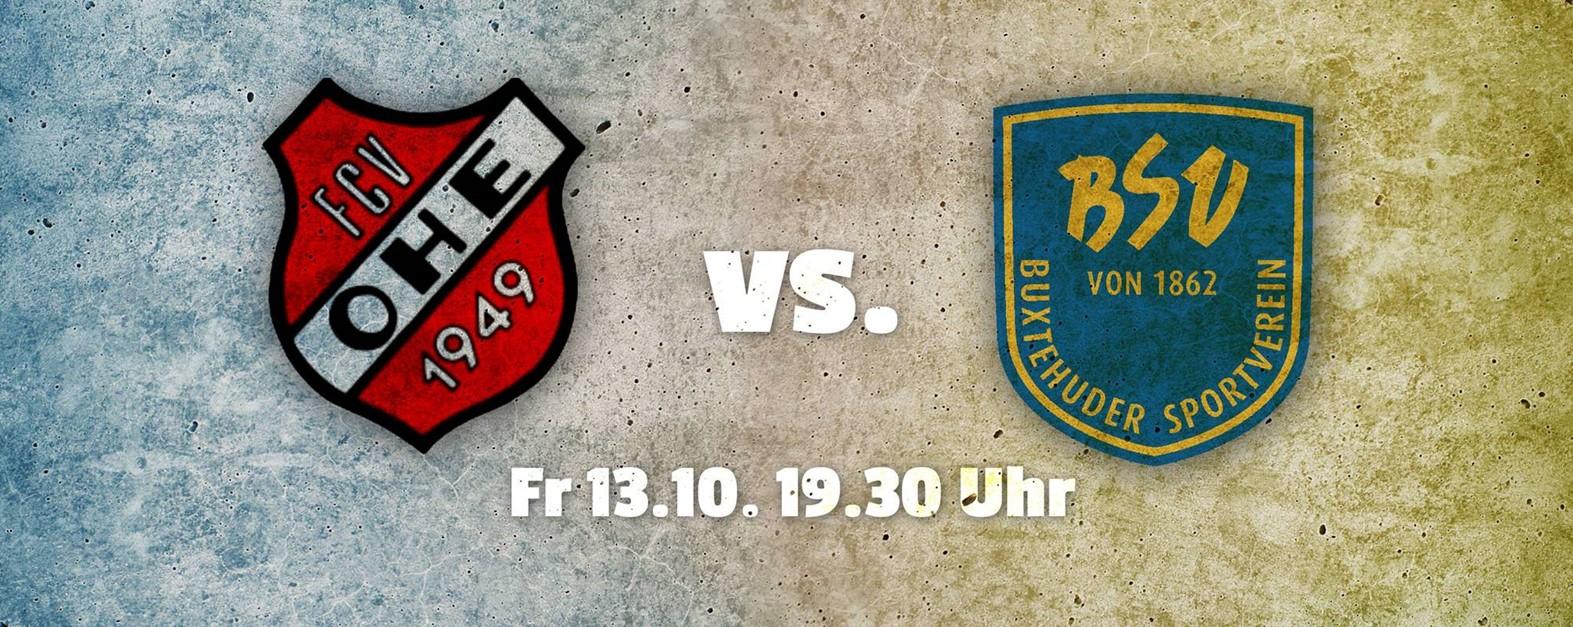 Vorschau 12. Spieltag Voran Ohe vs. BSV